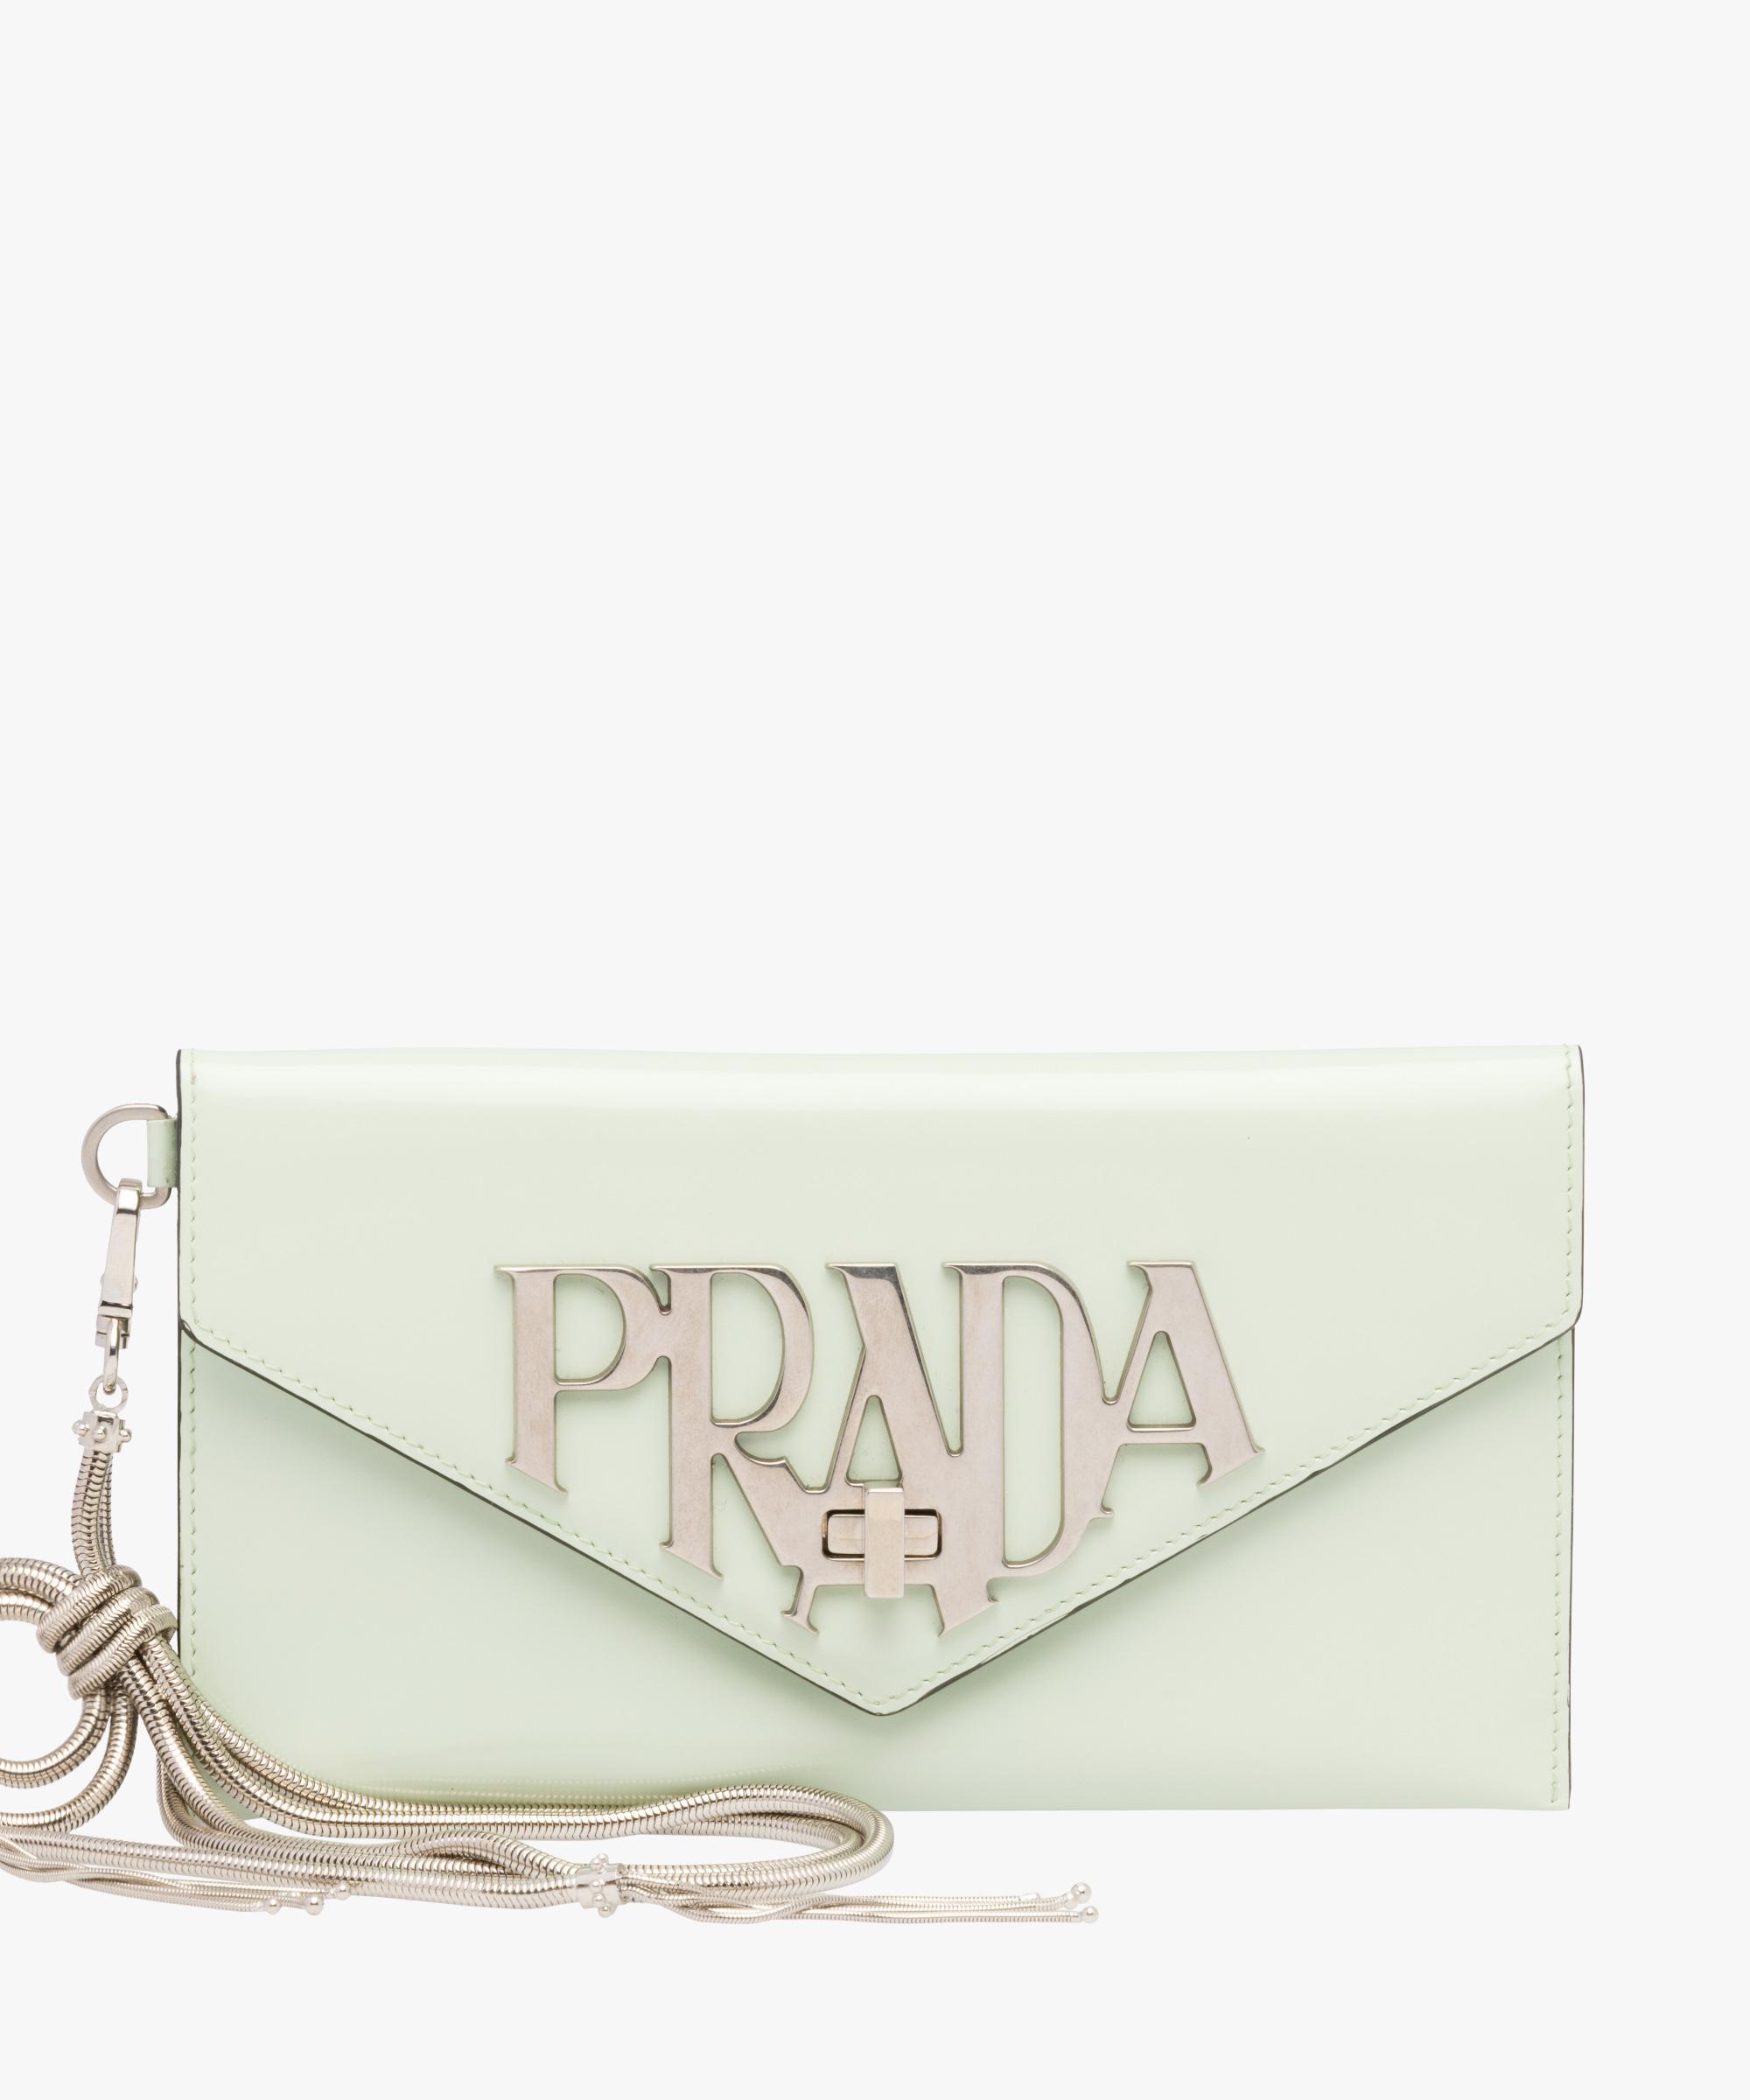 cd5255fc91ffe Prada - Multicolor Leather Clutch Bags - Lyst